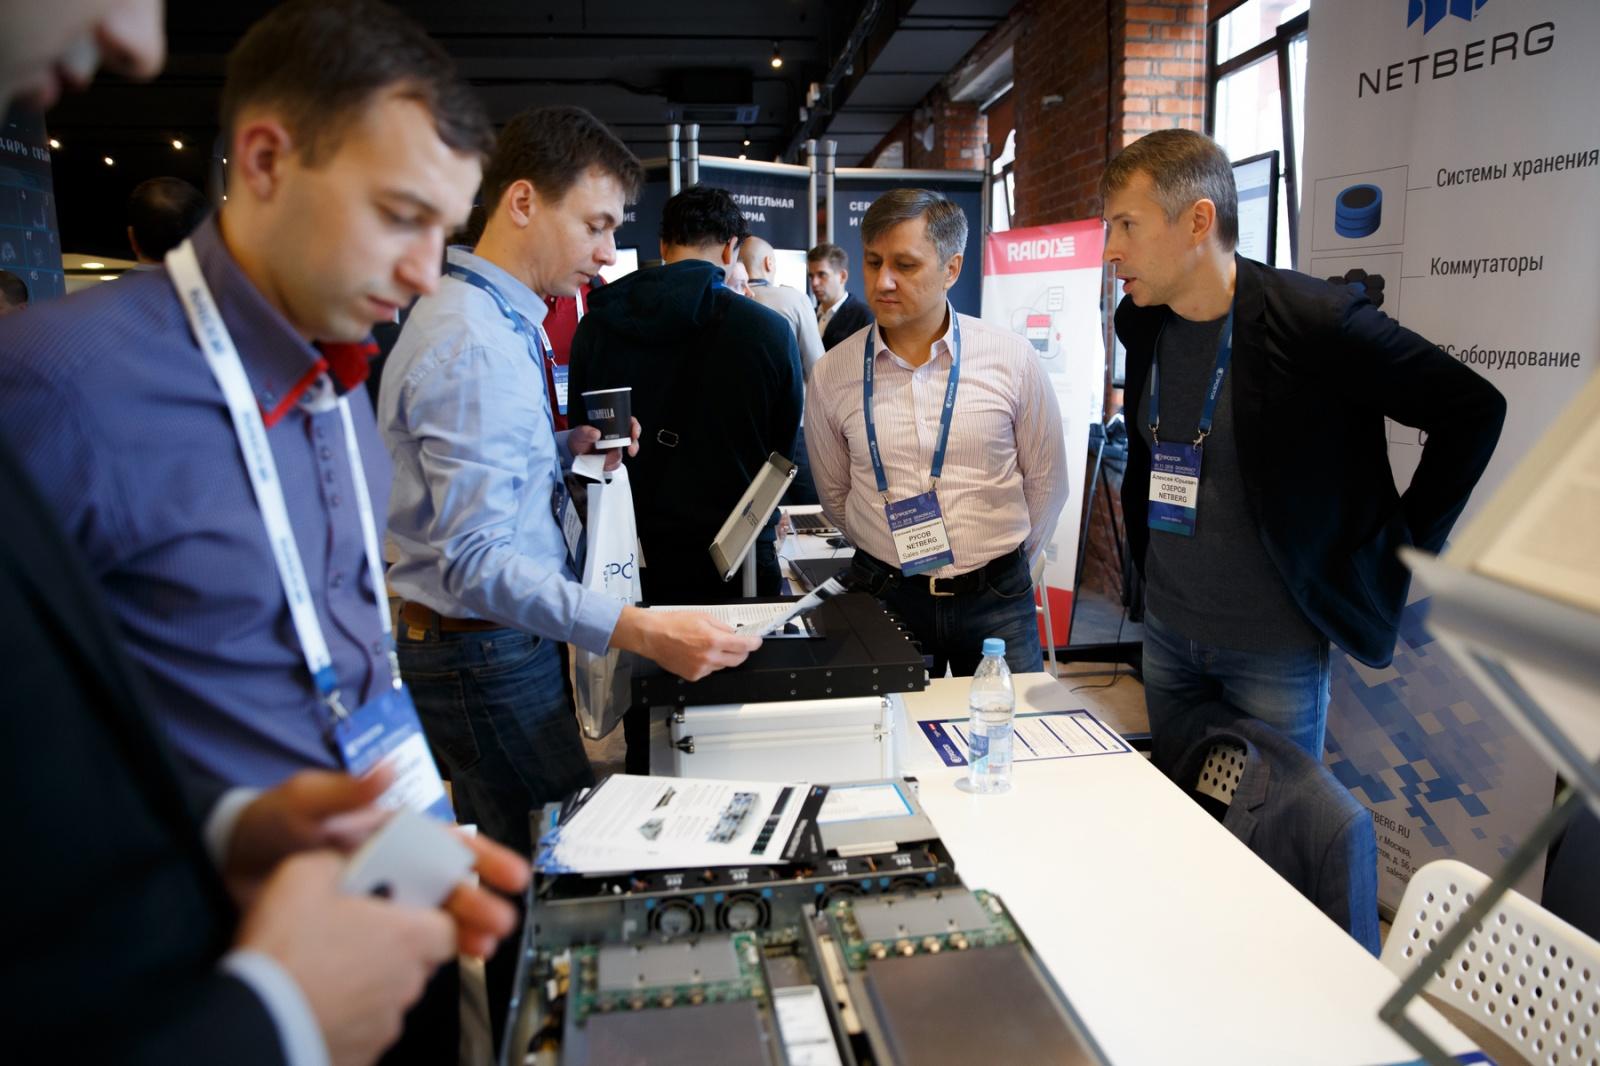 Конференция ПРОSTOR 2018: вопросы и ответы про будущее СХД - 7